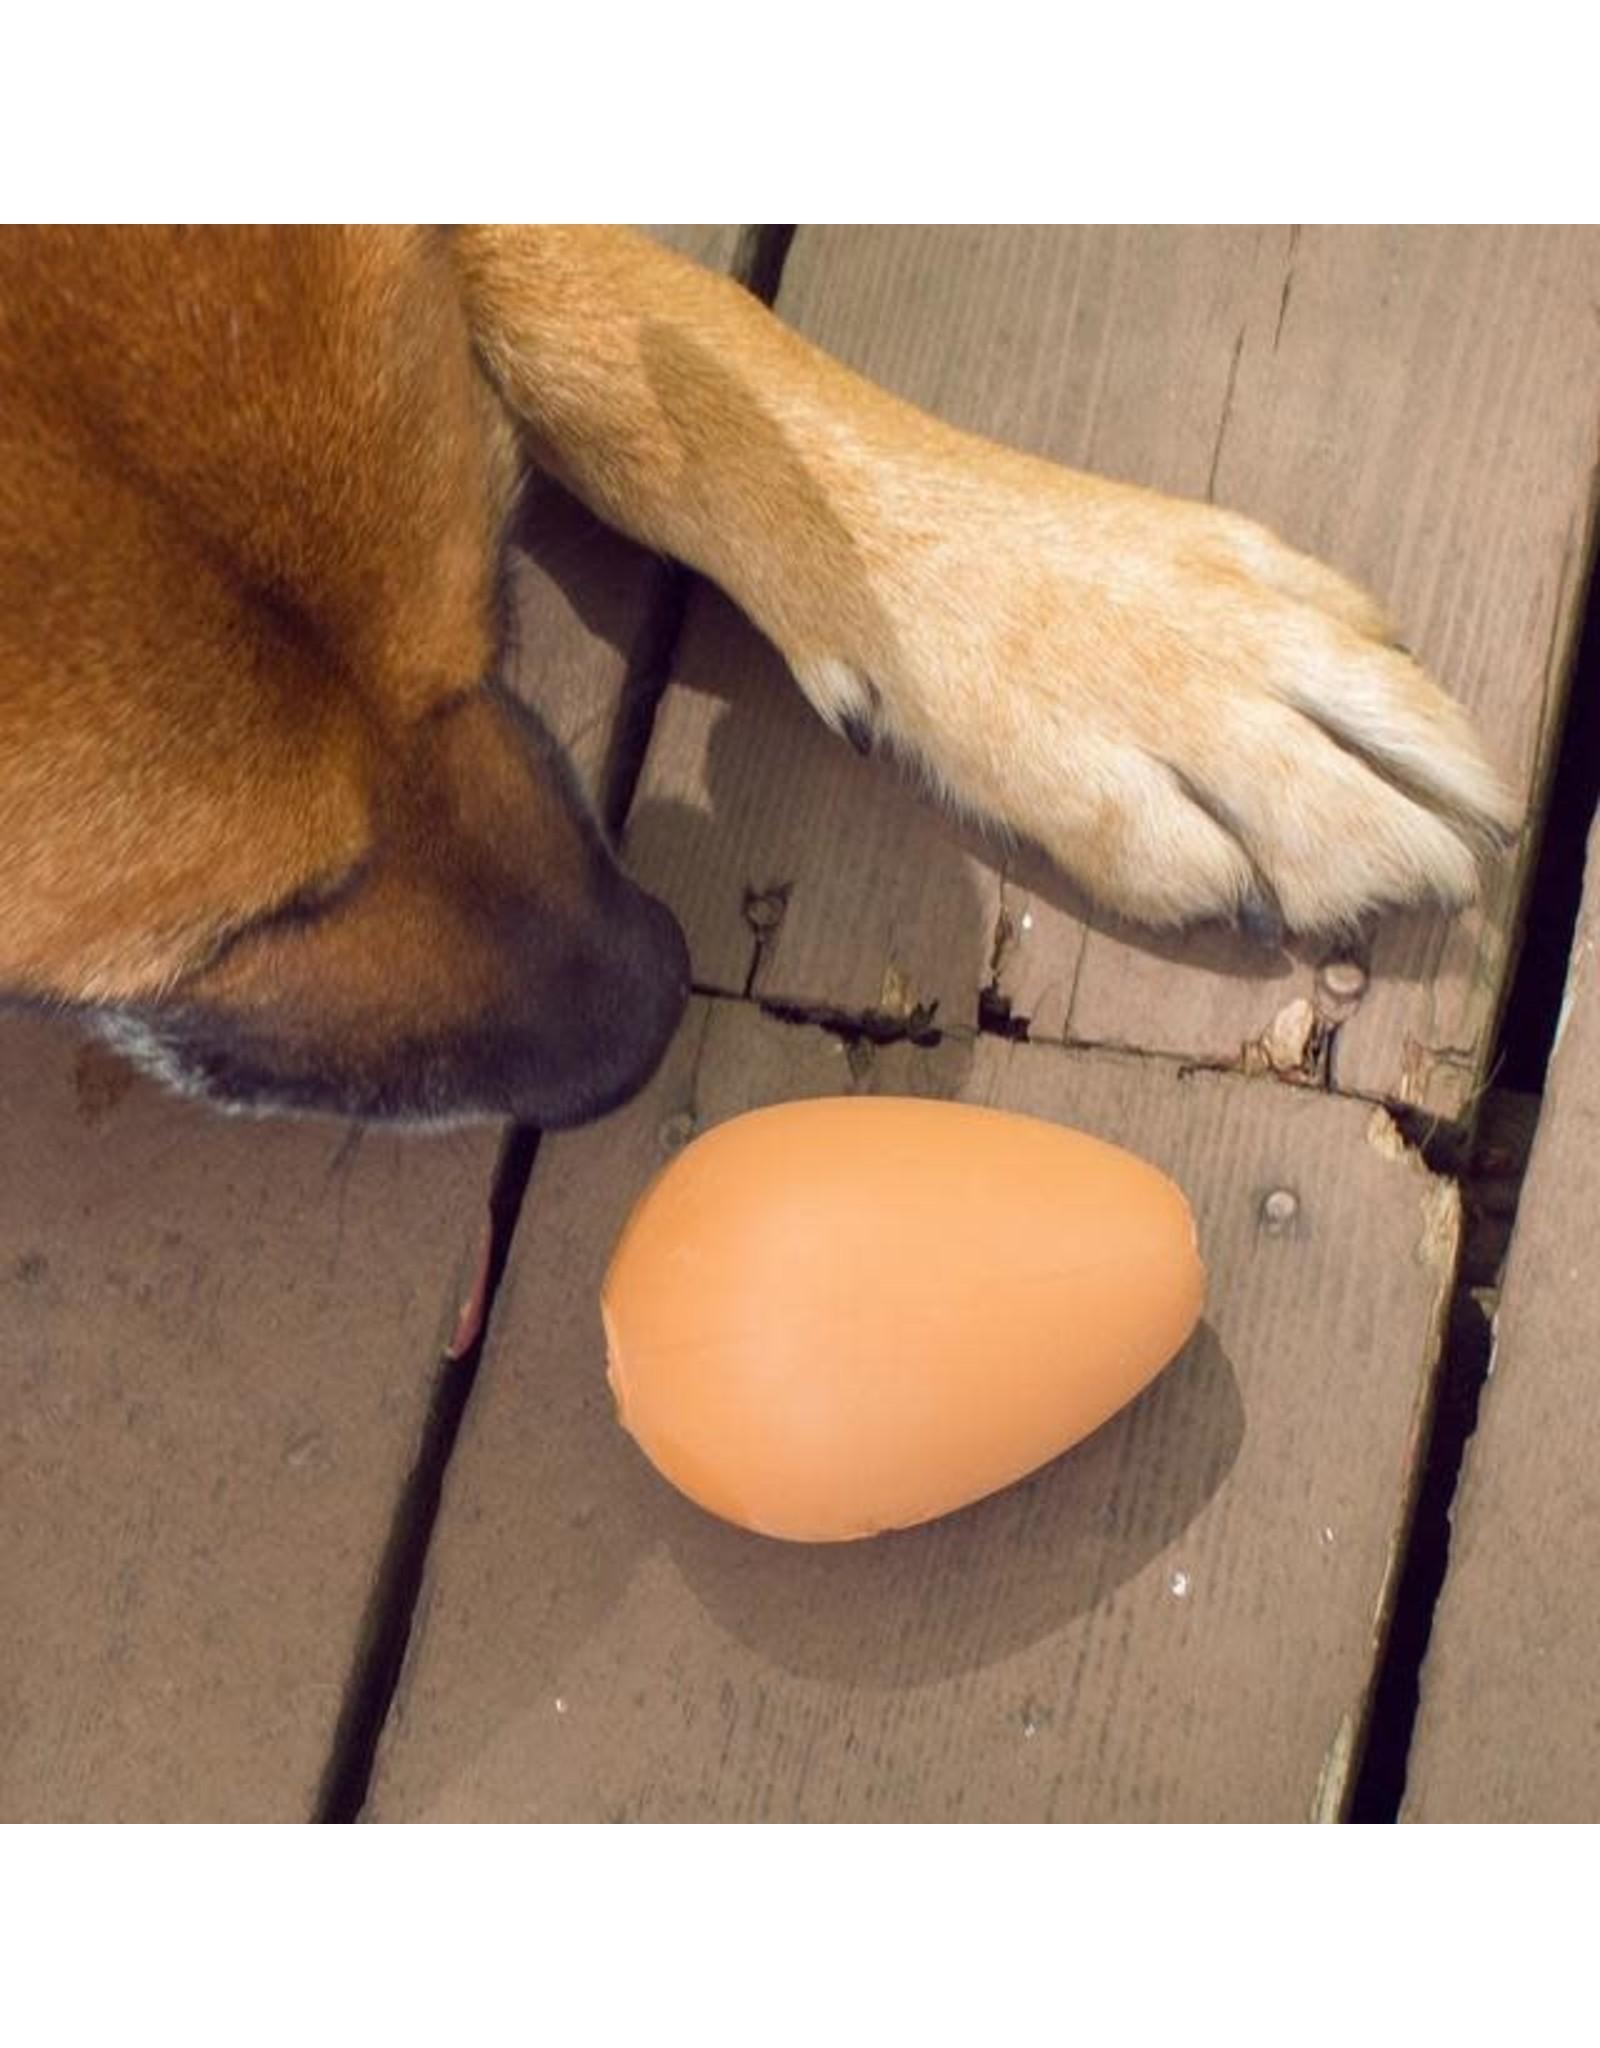 Kikkerland bouncy egg - treat ball